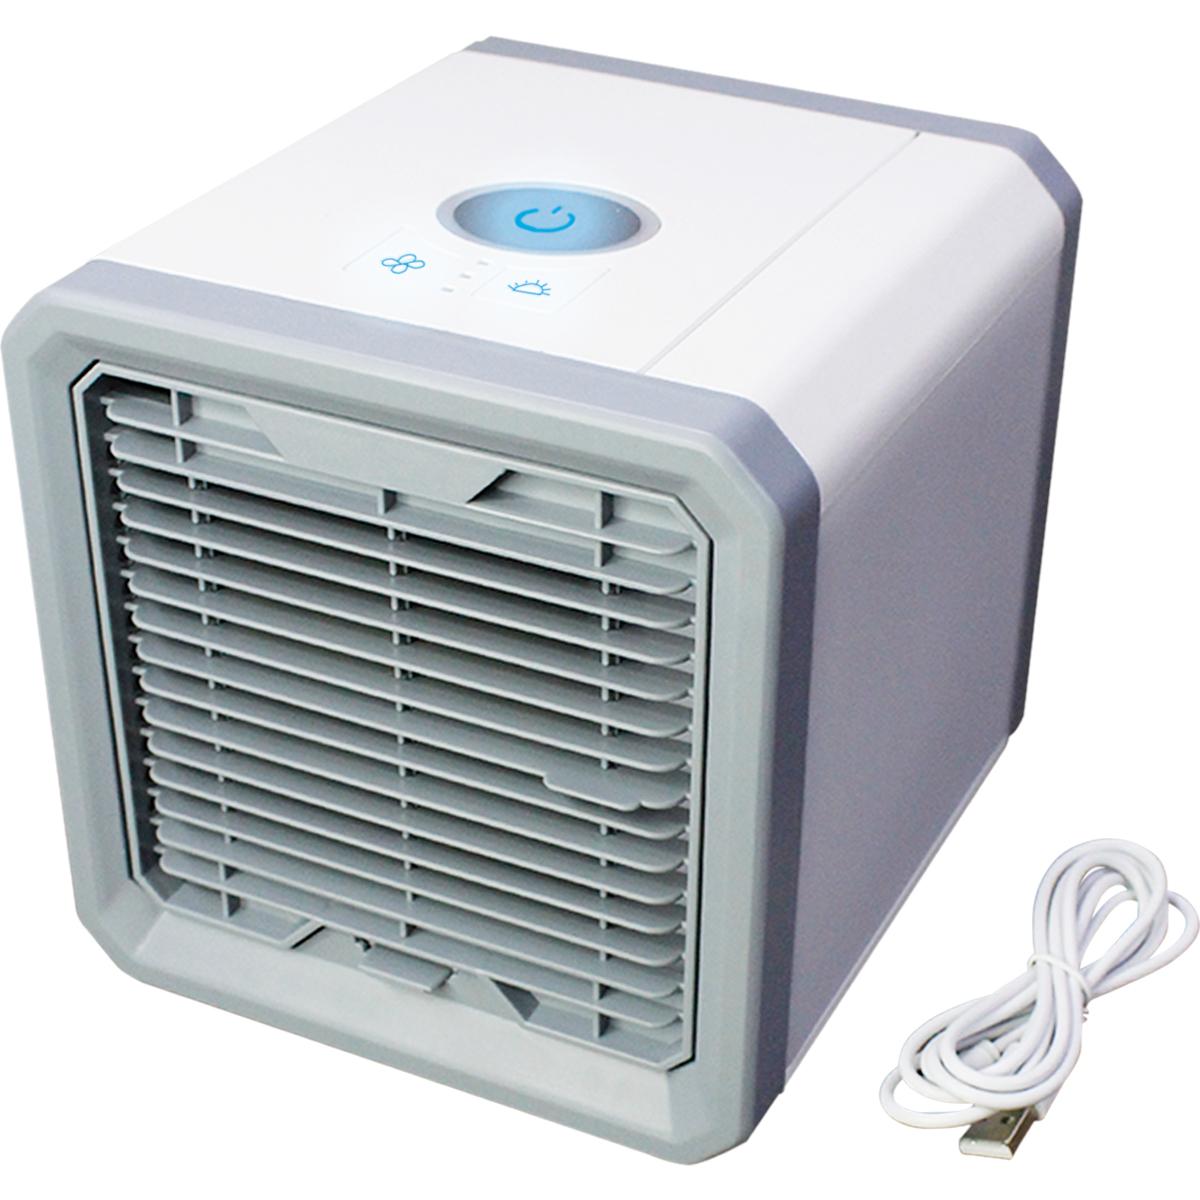 Mini Enfriador Evaporativo Portatil 3Vel LED Aire Frio Clima